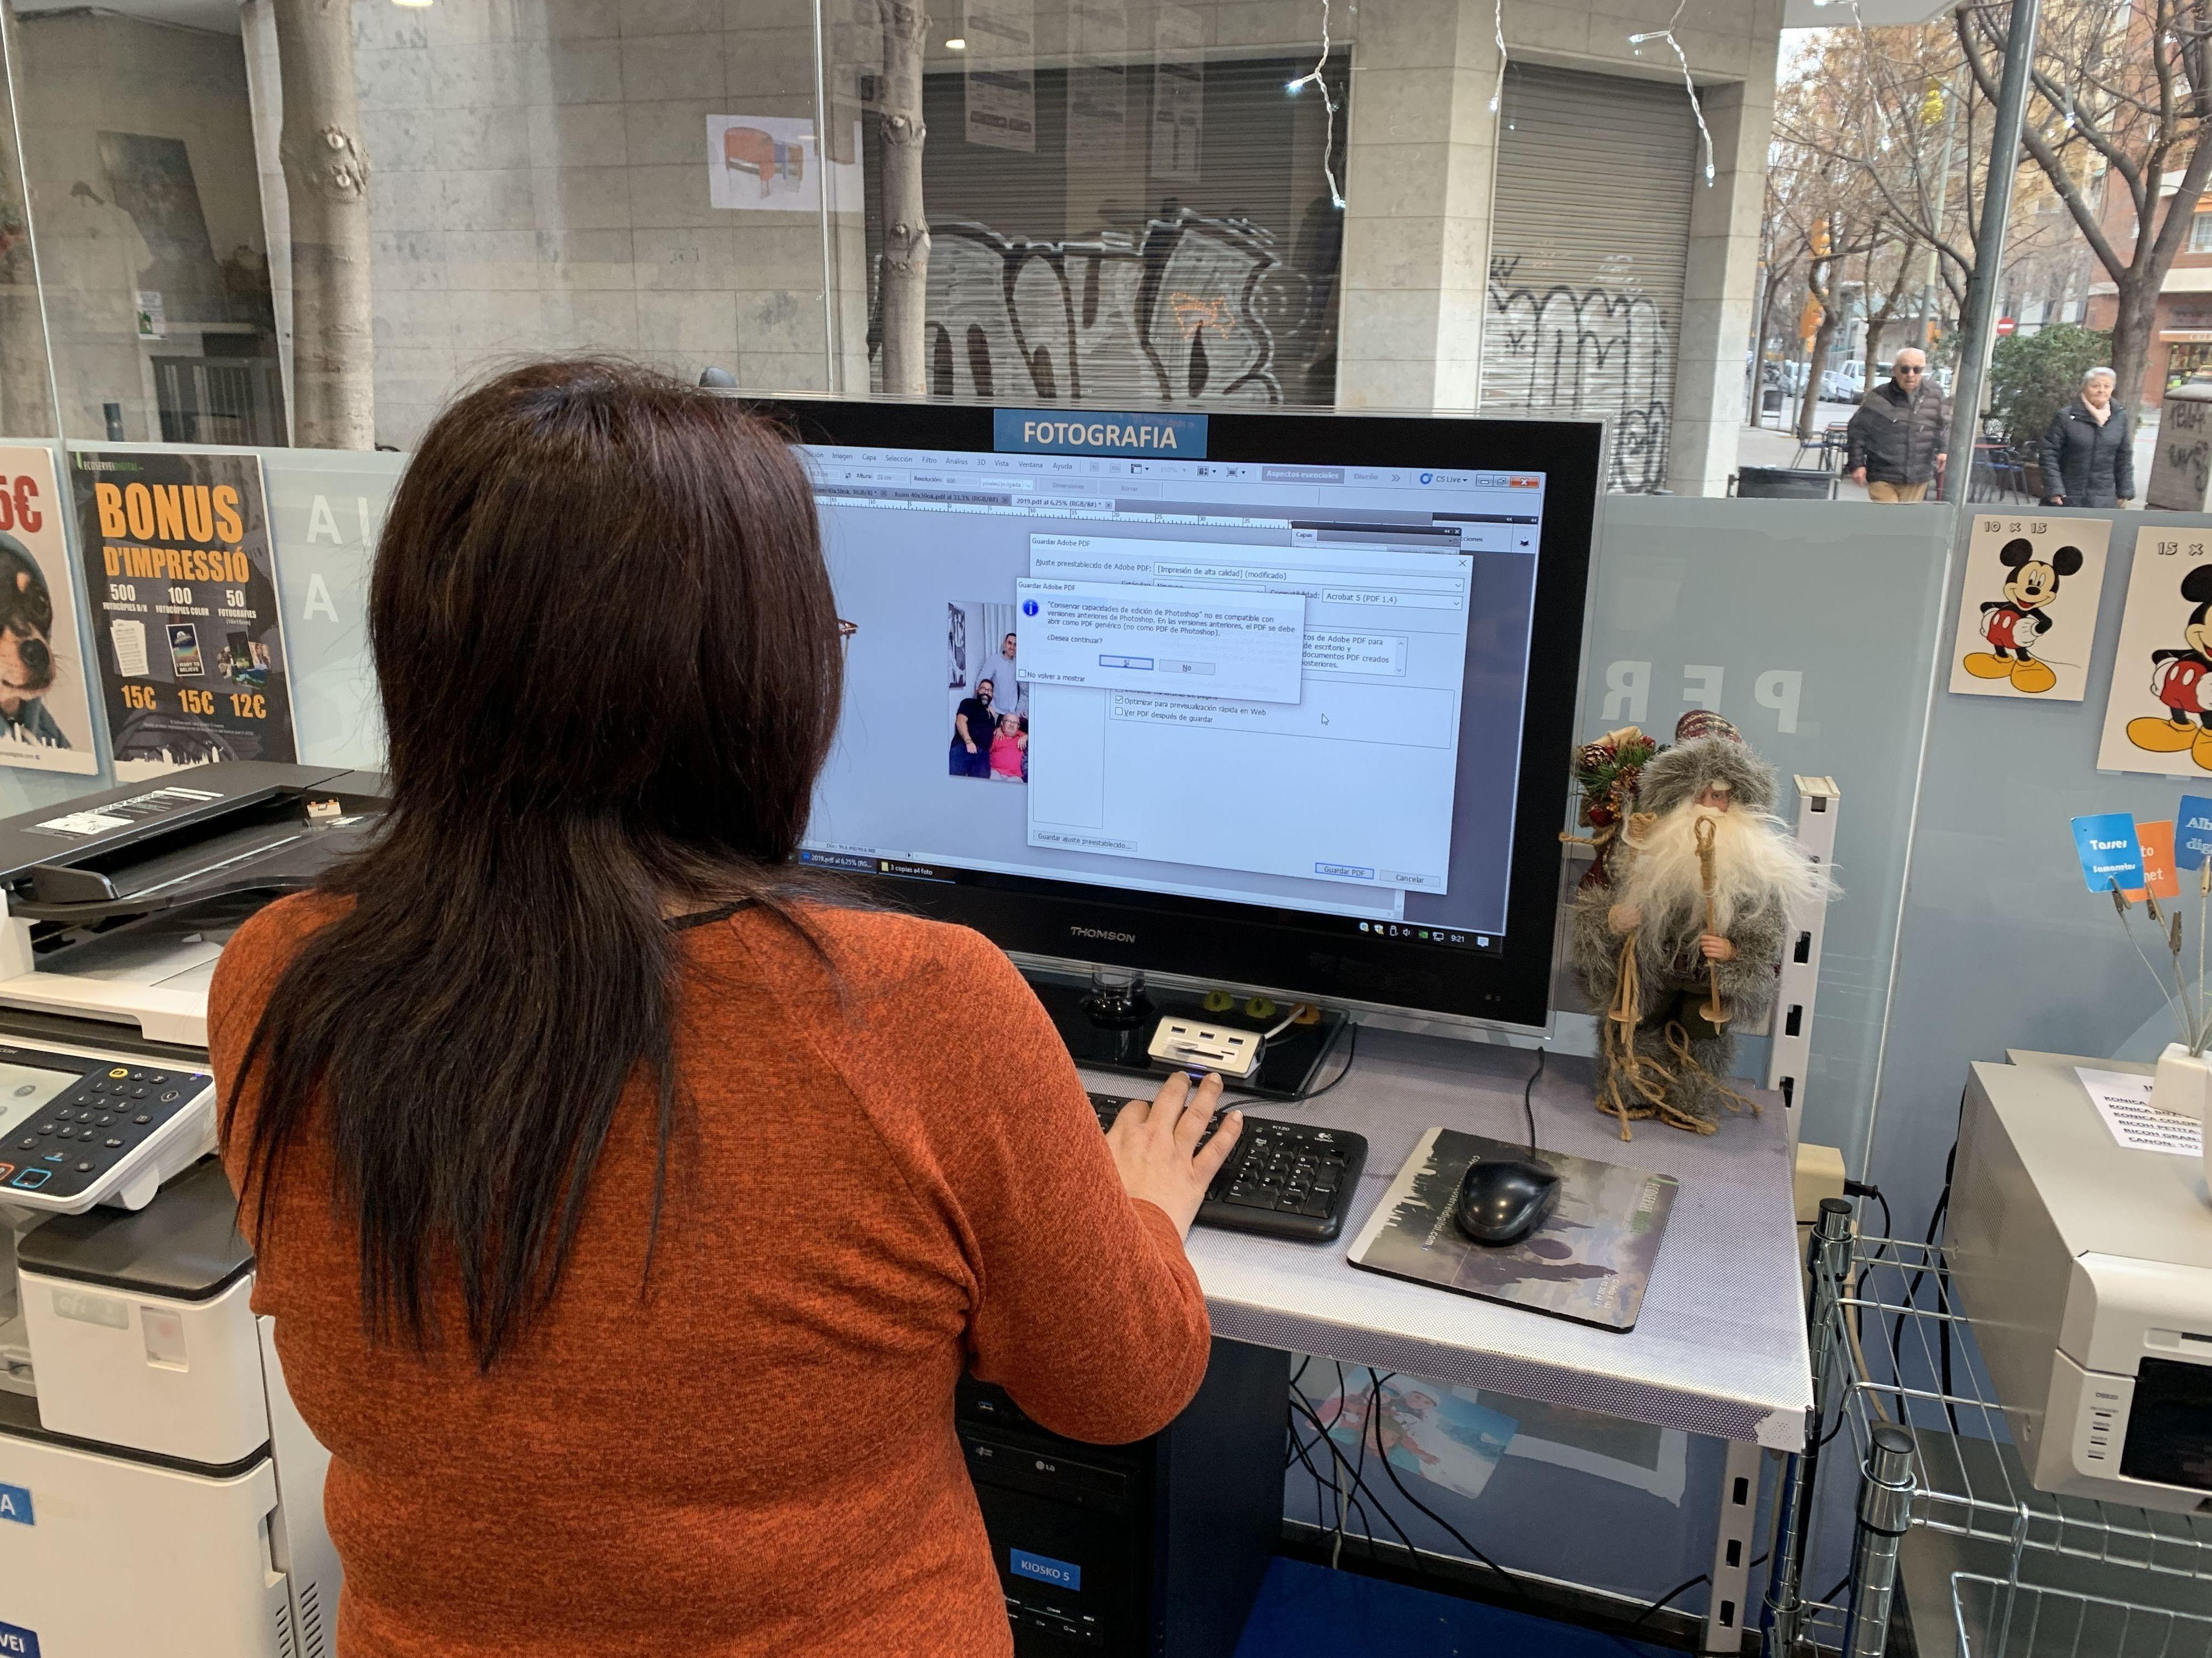 Asistencia remota informática en Barcelona